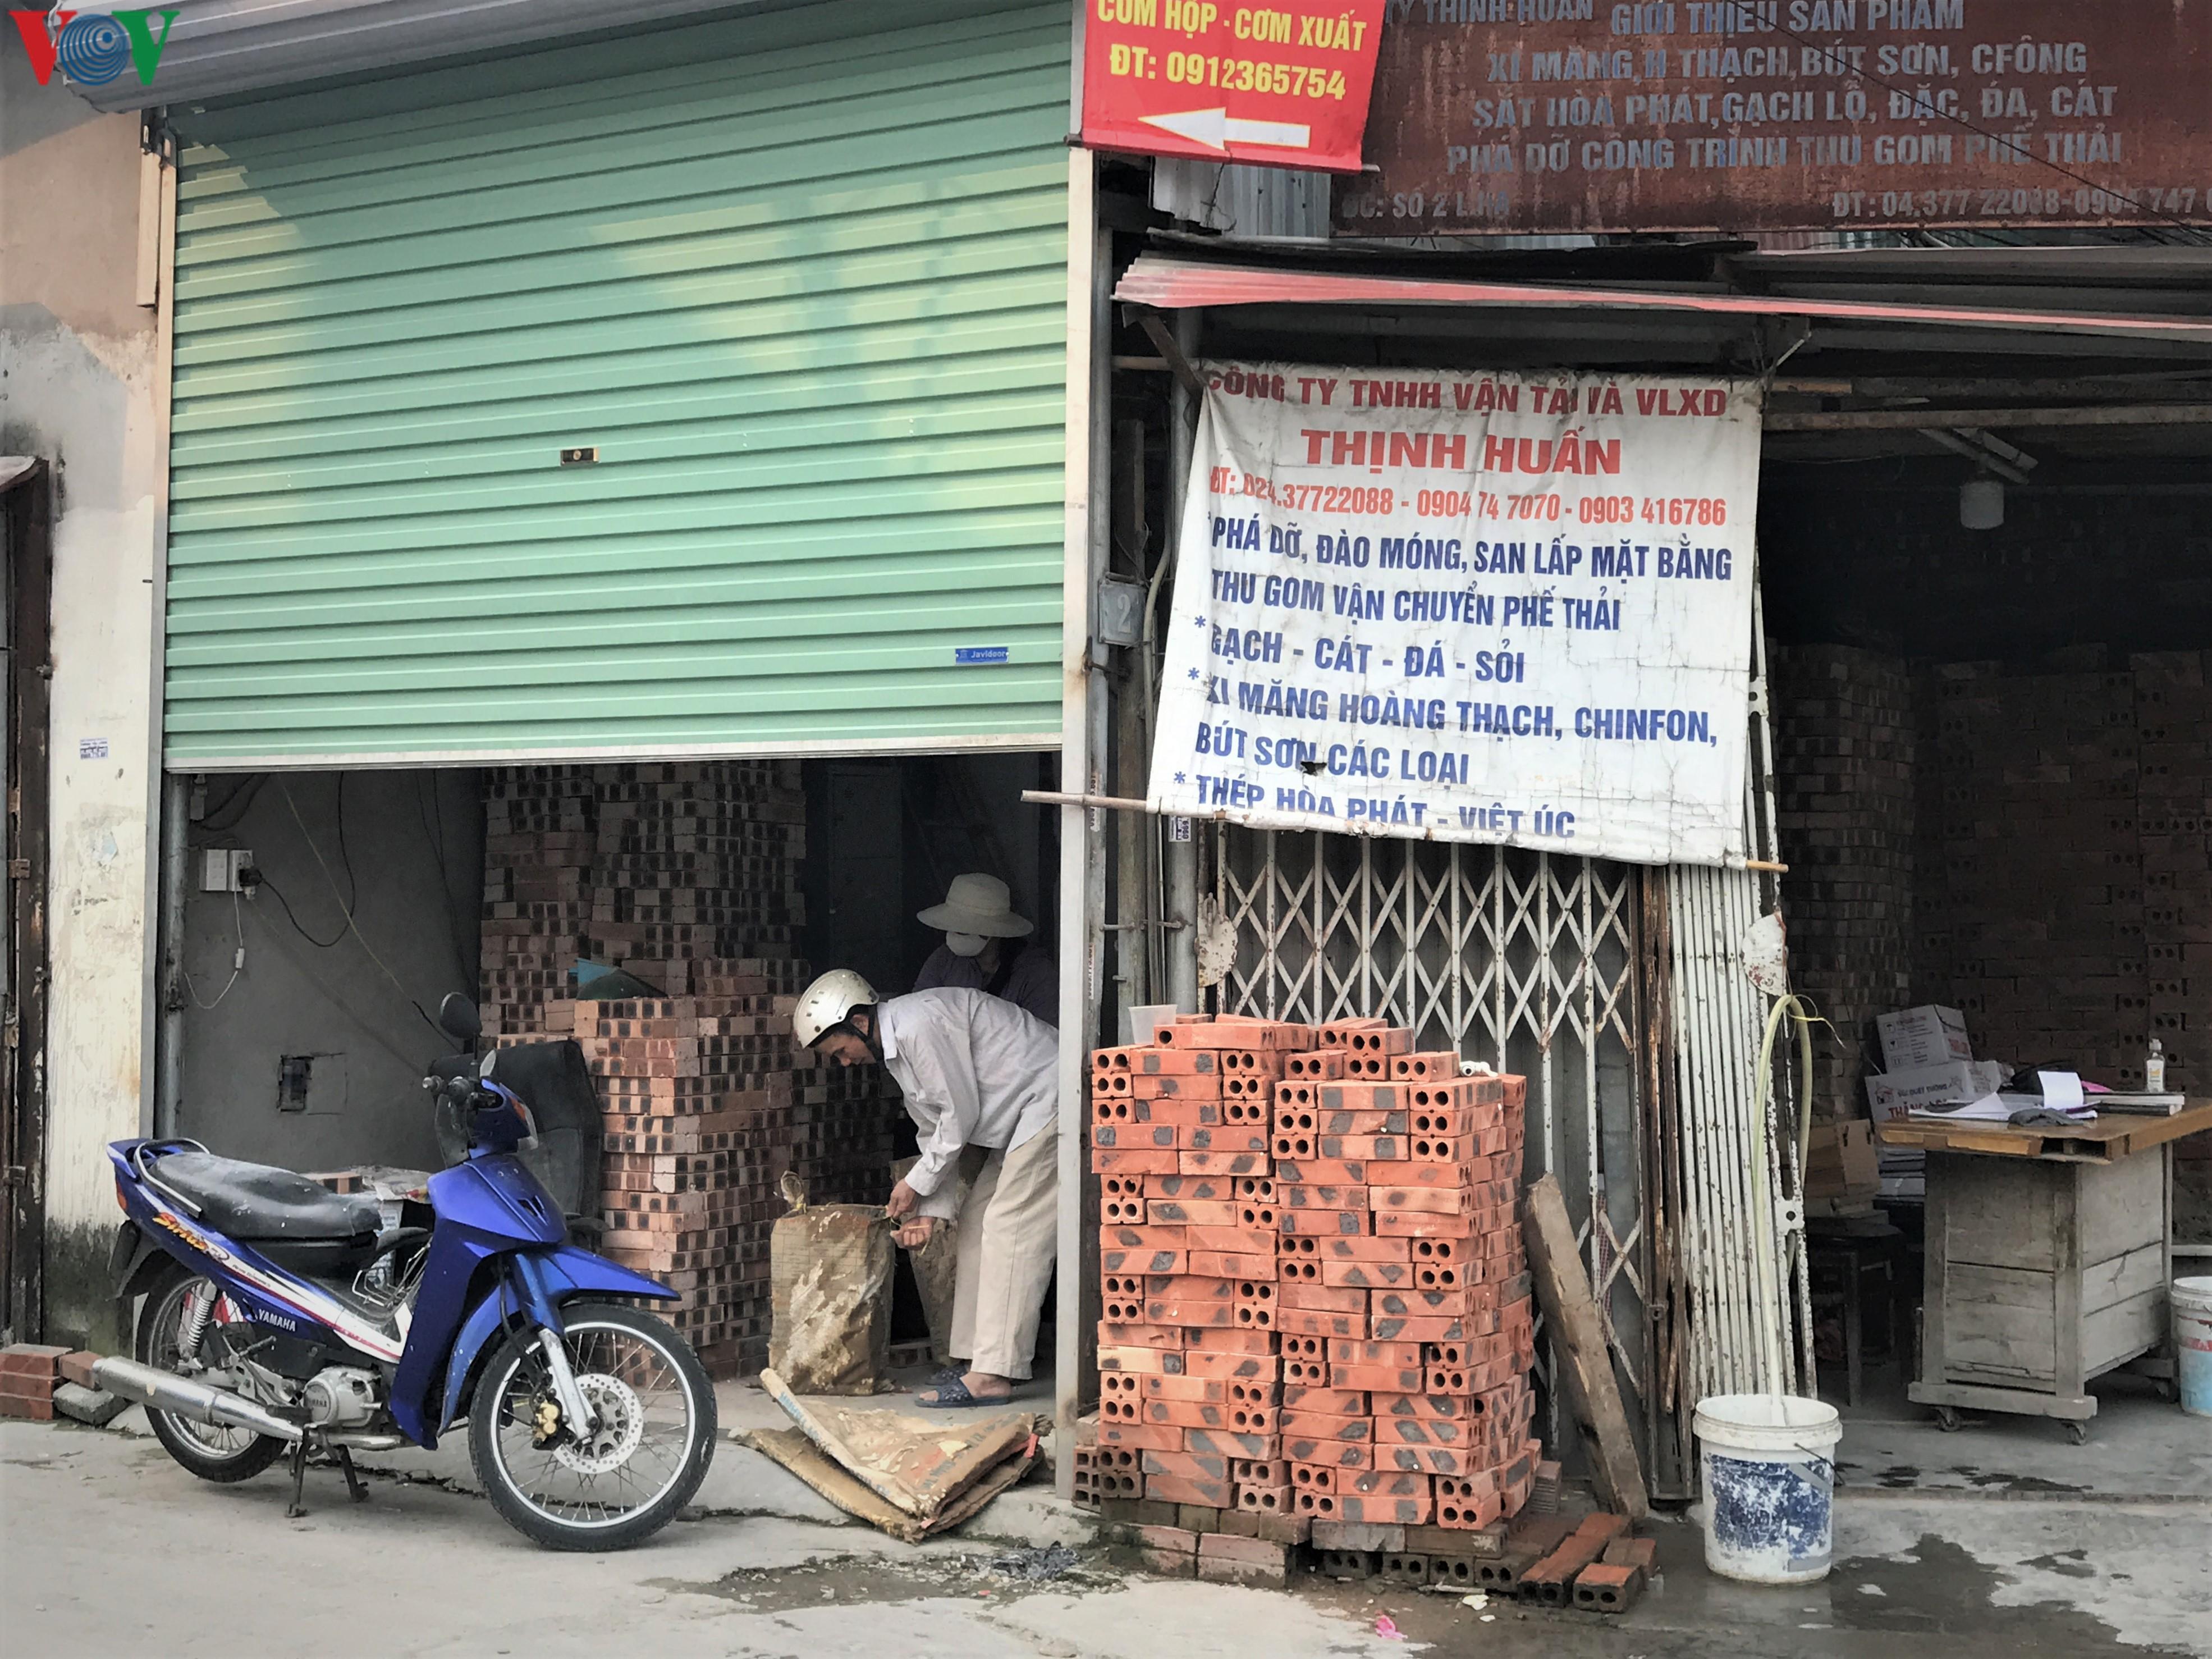 Ngày thứ 9 cách ly xã hội: Người và xe đông chật các ngã tư ở Hà Nội Ảnh 10